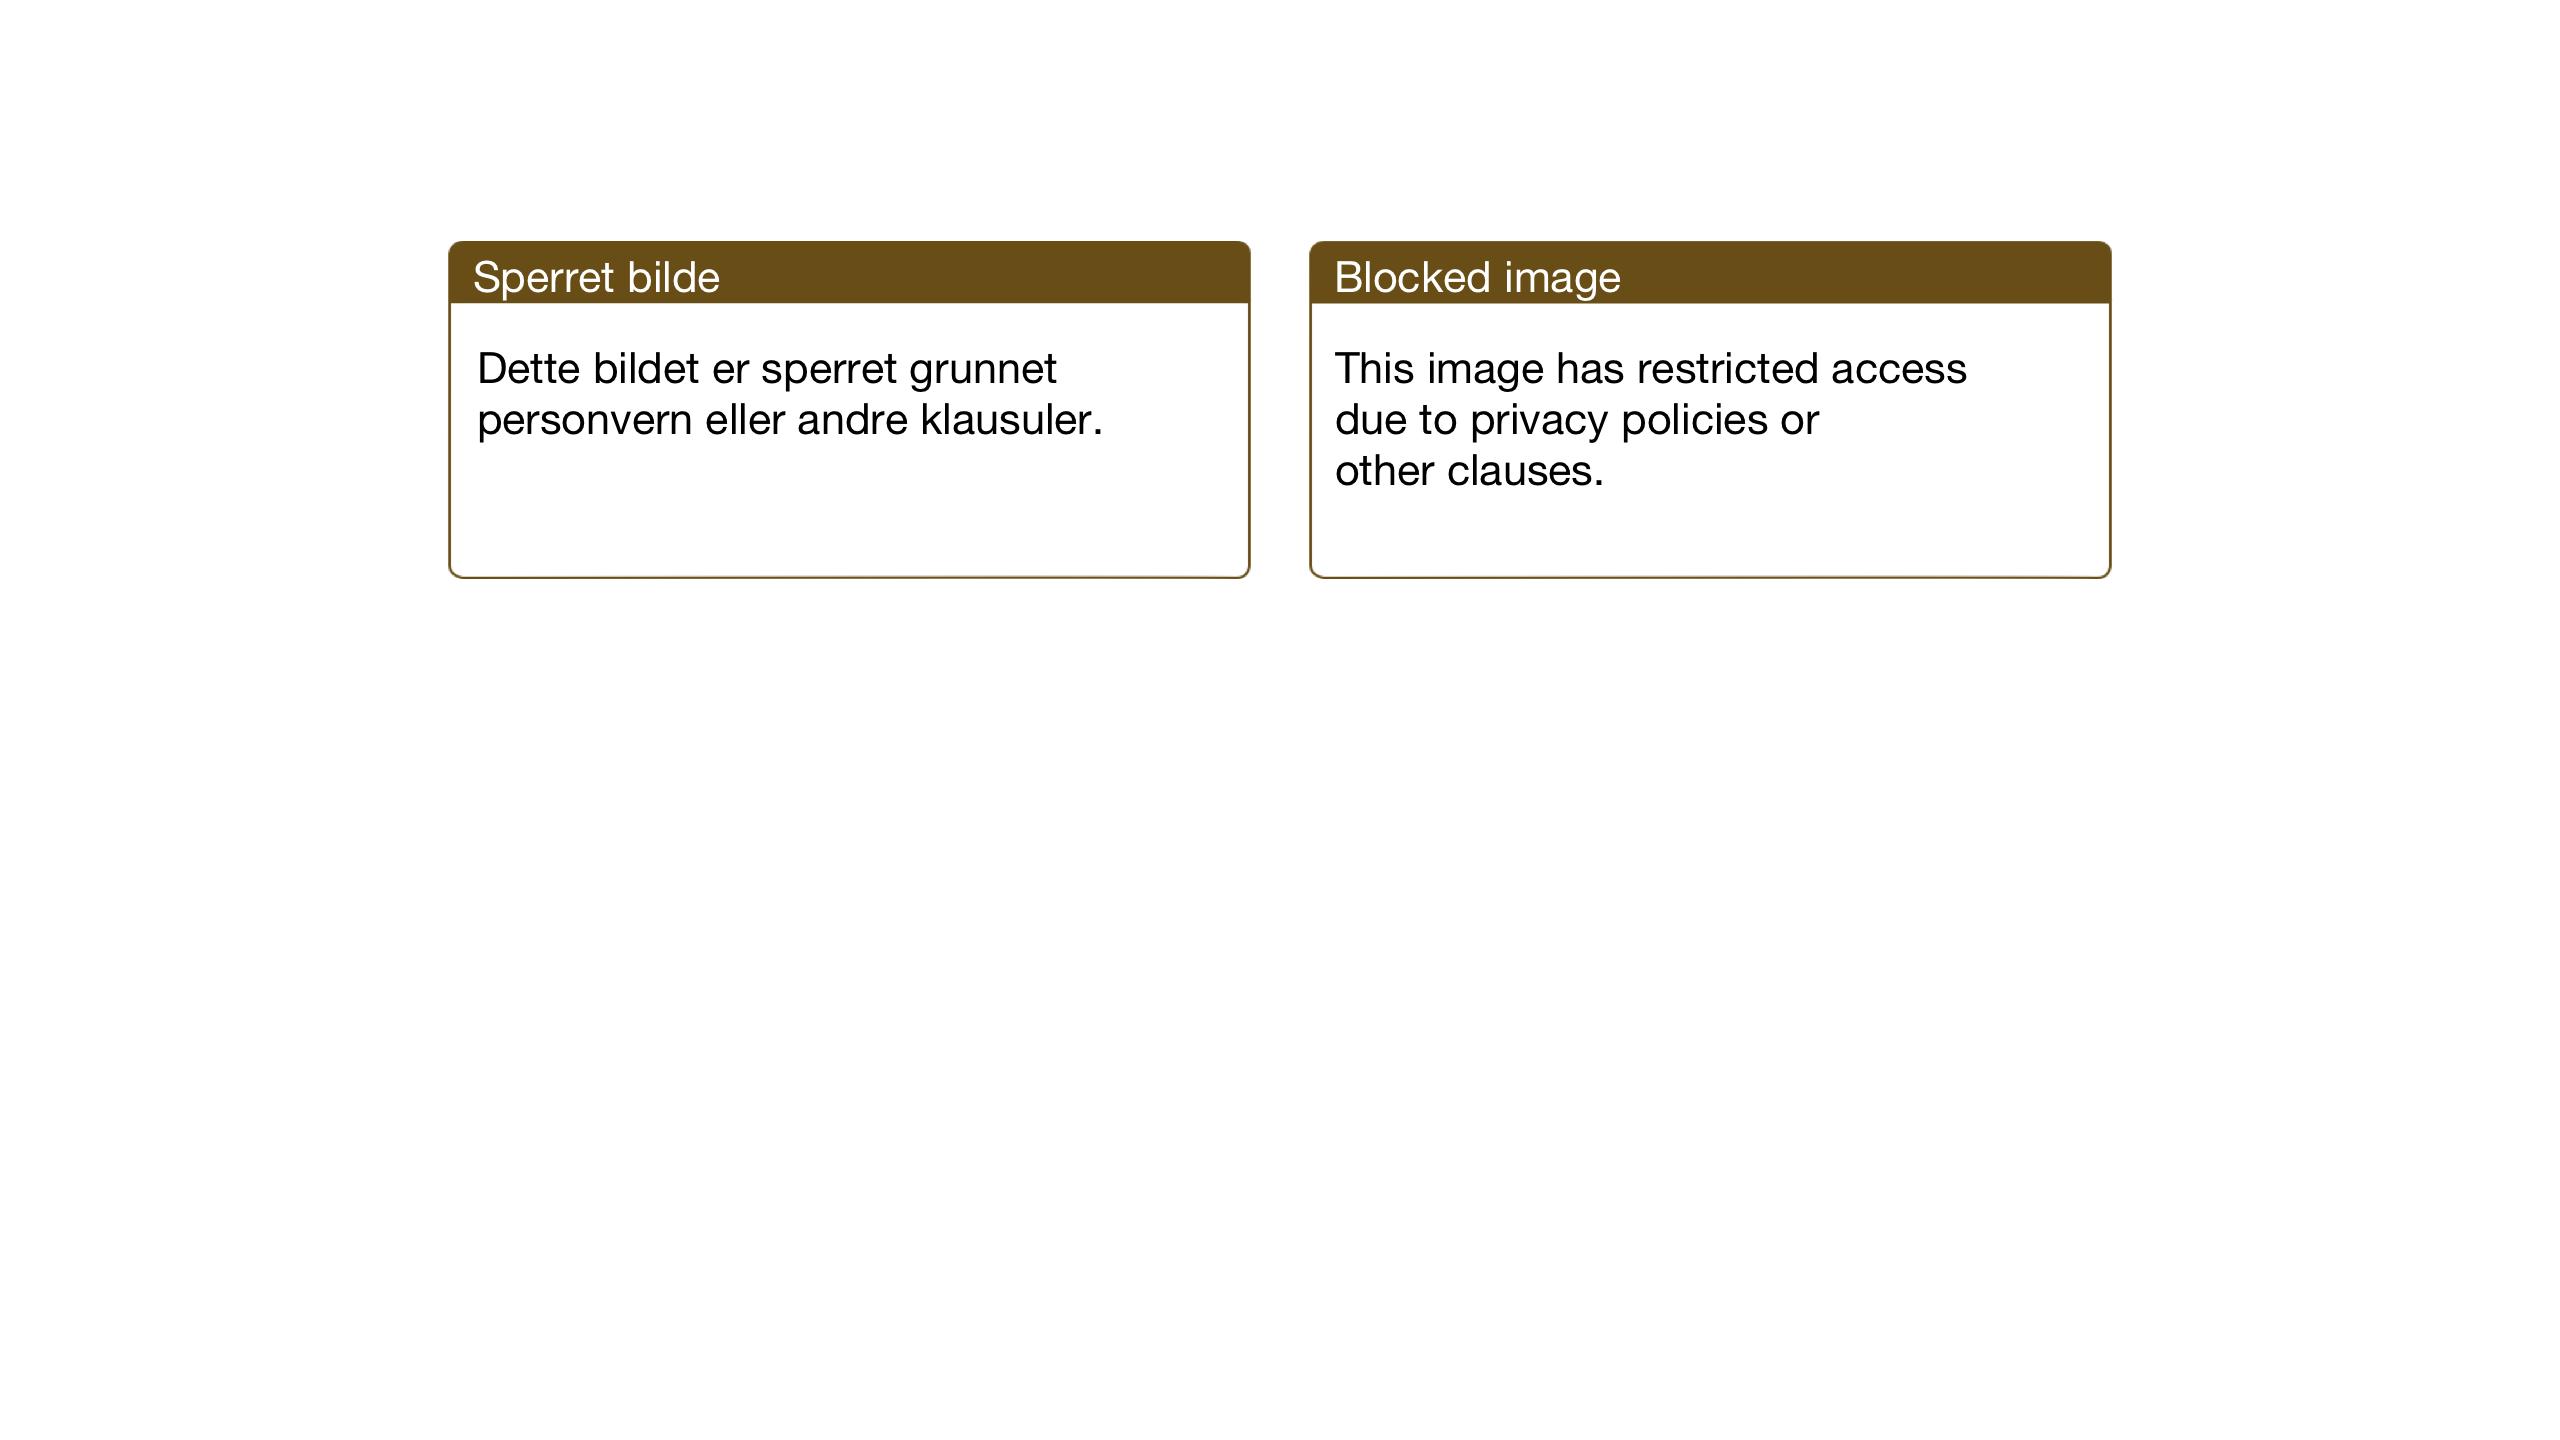 SAT, Ministerialprotokoller, klokkerbøker og fødselsregistre - Sør-Trøndelag, 690/L1053: Klokkerbok nr. 690C03, 1930-1947, s. 47